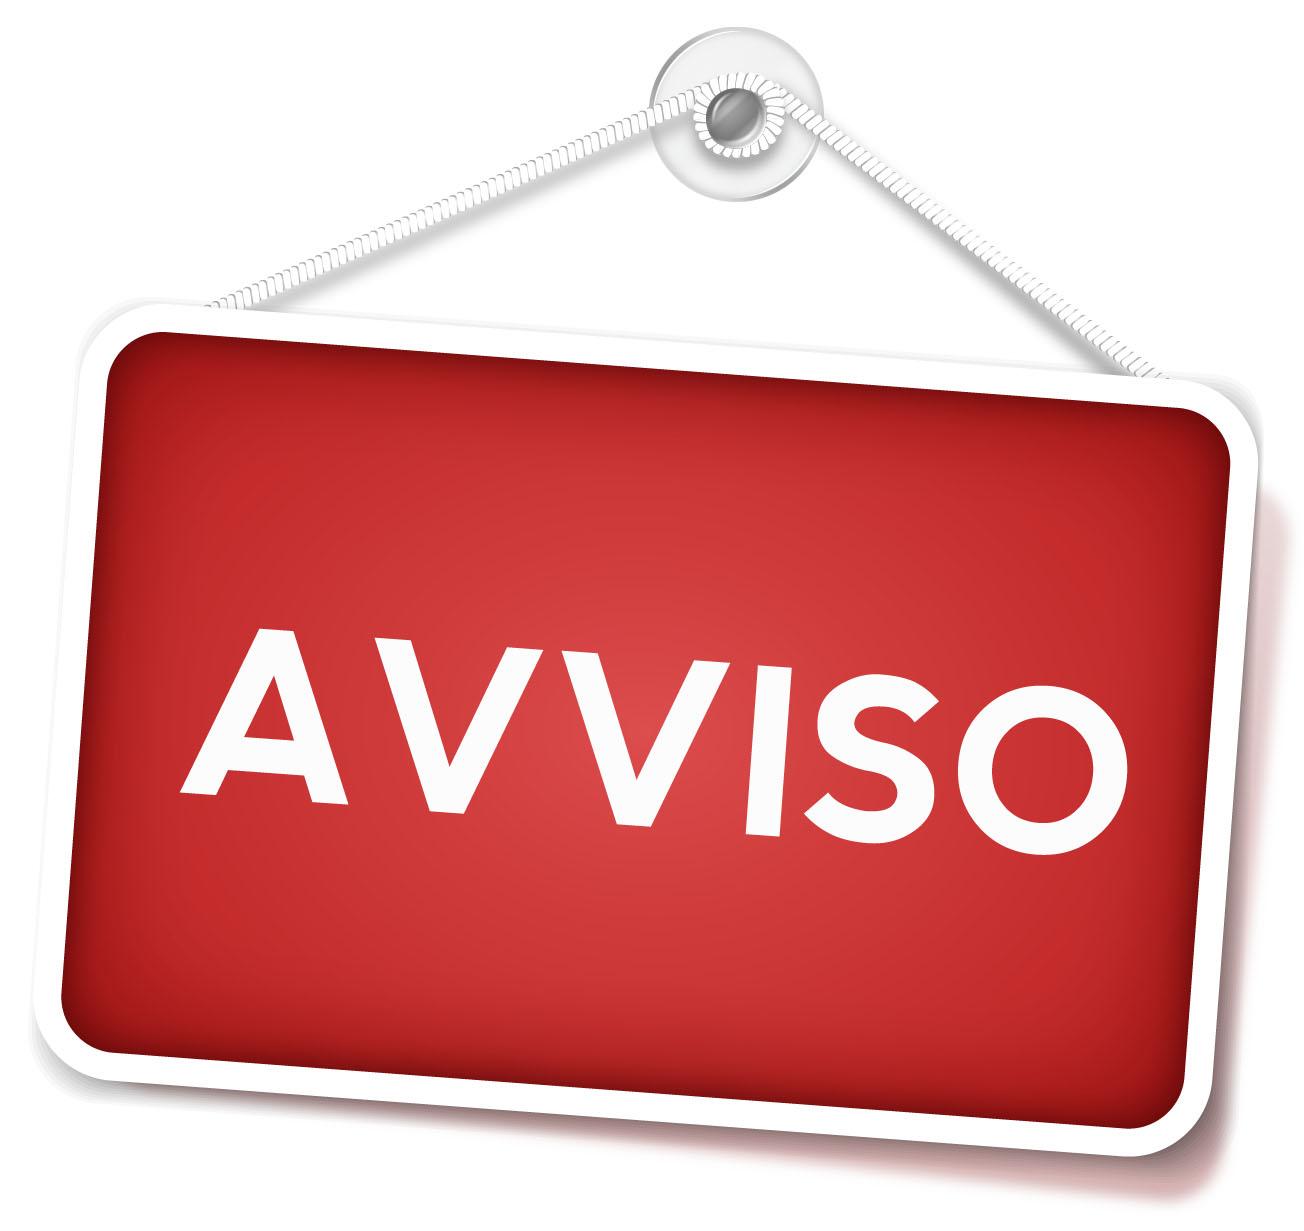 REGIONE MOLISE - AVVISO PUBBLICO PER OPERATORI SOCIO SANITARI (O.S.S.) -  F.I.O.S.S. Italia